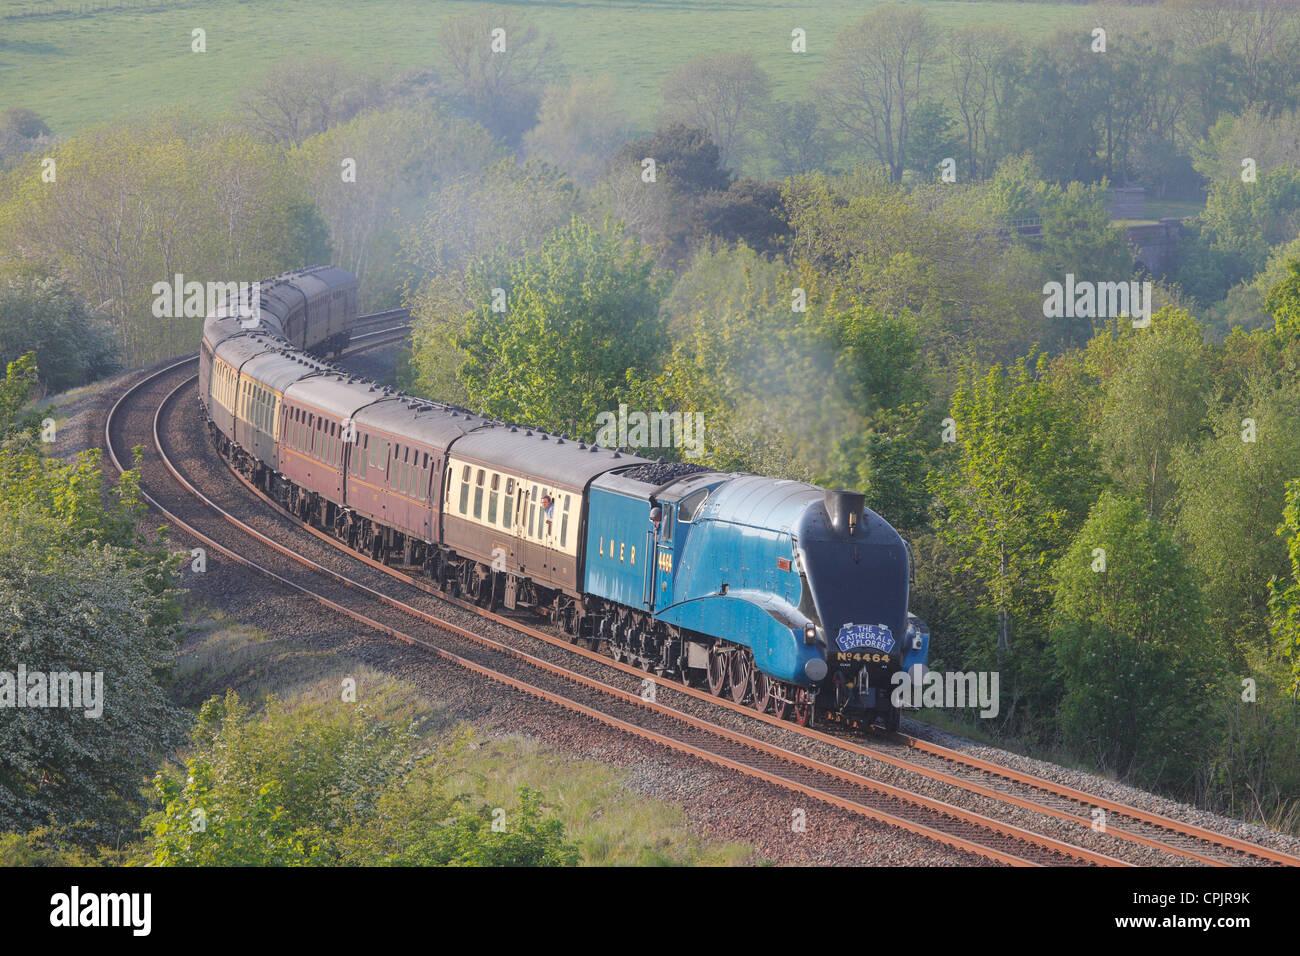 Die Kathedralen Explorer, LNER Class A4 4464 Rohrdommel Dampf Zug in der Nähe von Low Baron Holz Bauernhof Stockbild